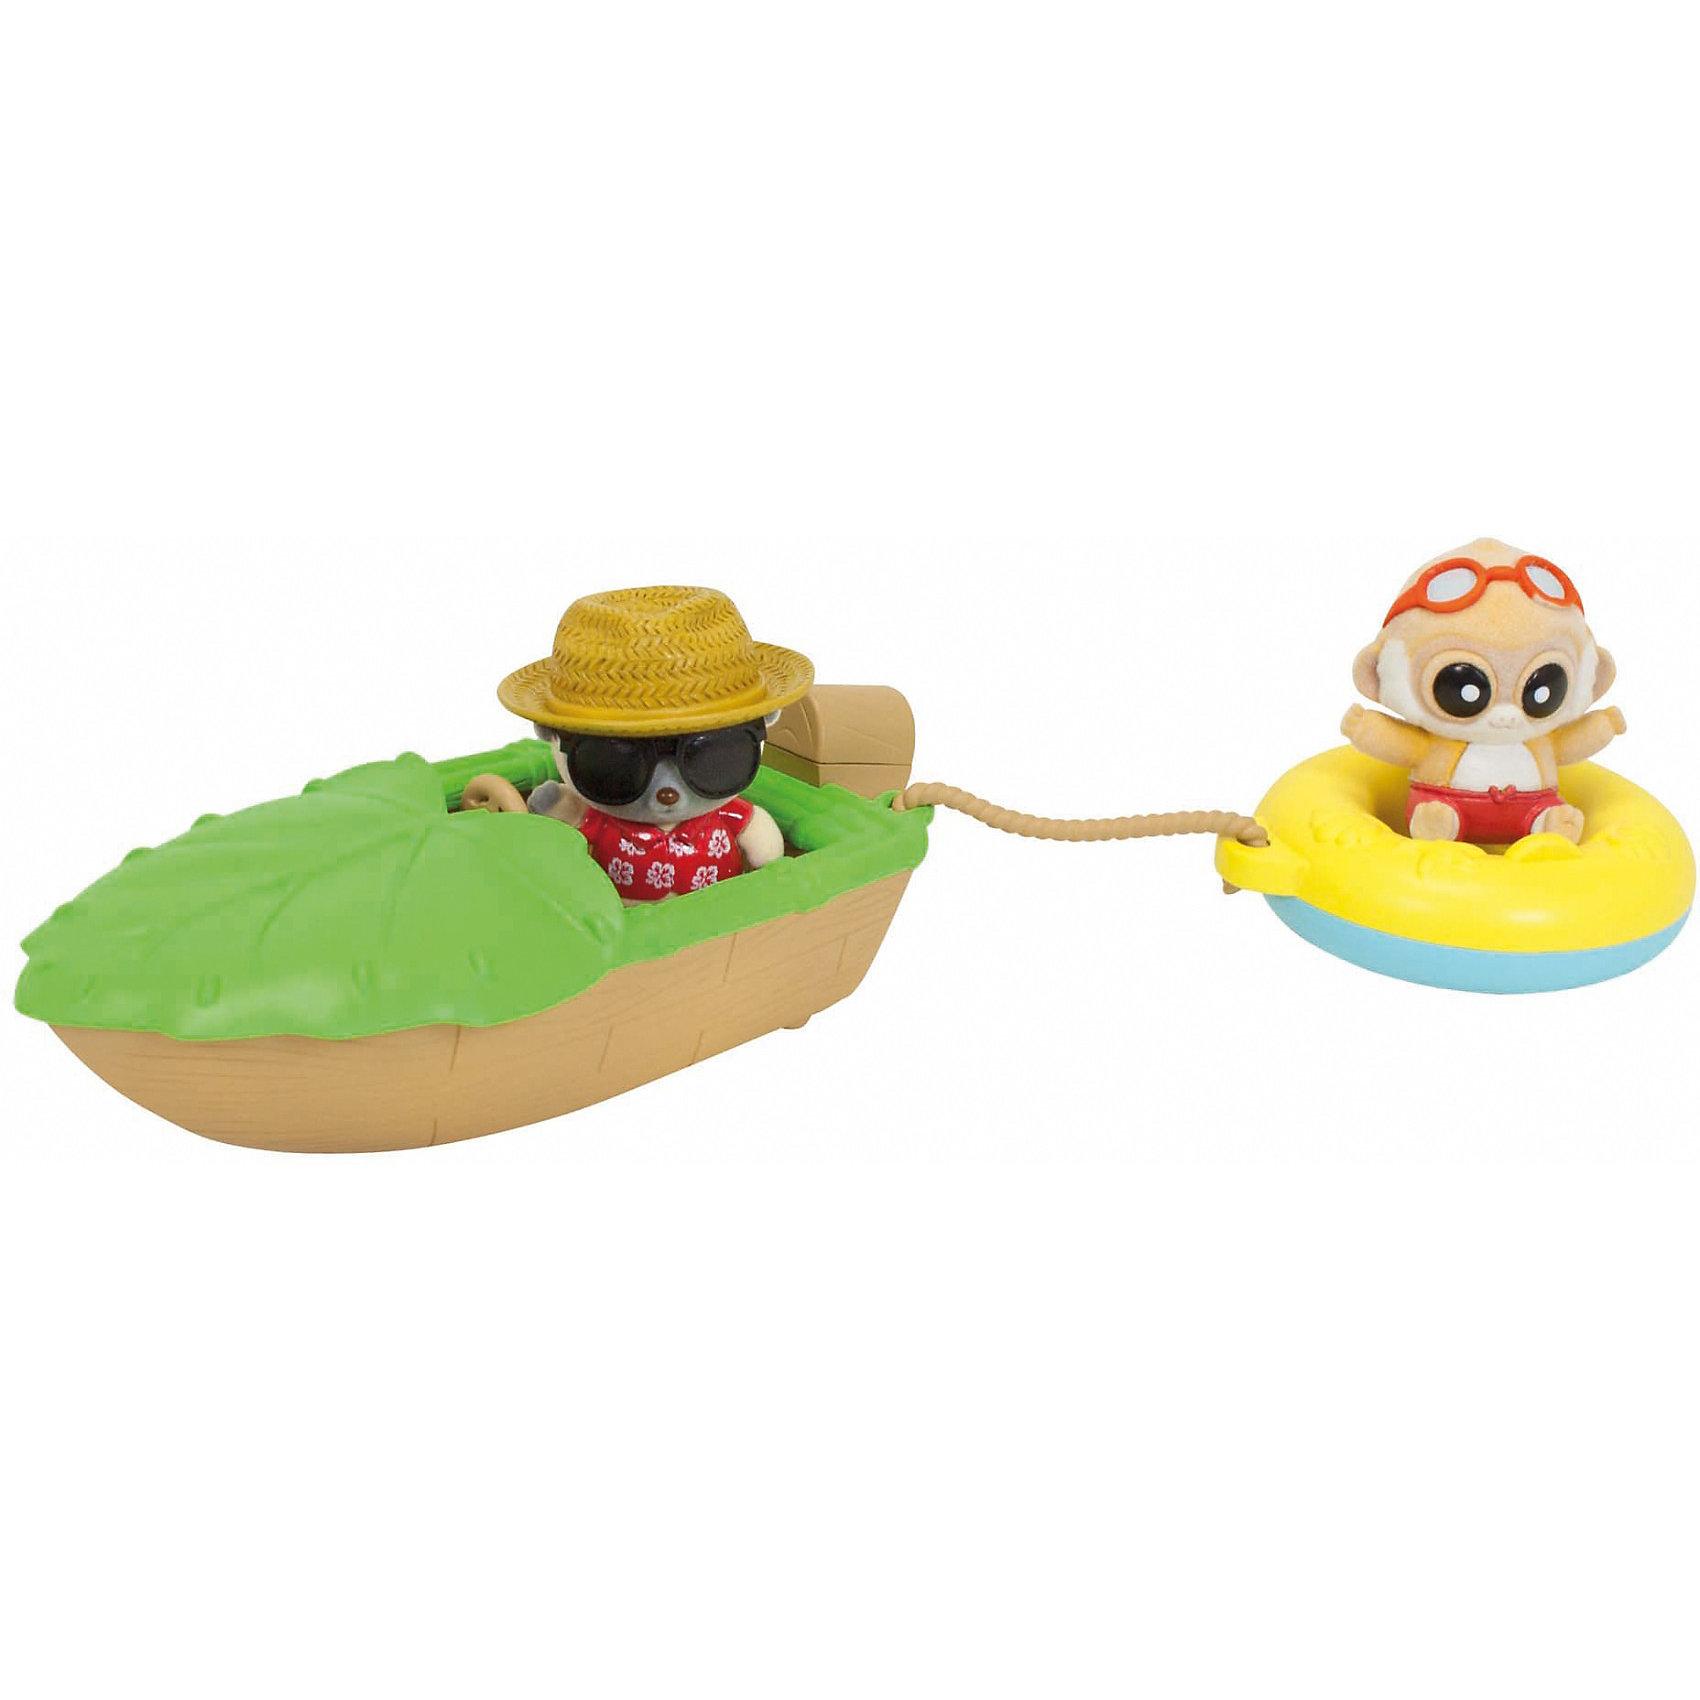 Игровой набор, Юху и его друзьяИгровые наборы<br>Кататься на лодке с веселыми лемурчиками - весело и интересно. Можно сидеть за рулем или же лететь по волнам на спасательном круге, привязанном за трос. Игрушка выполнена из высококачественного пластика безопасного для детей, прекрасно детализирована и ярко раскрашена. <br><br>Дополнительная информация:<br><br>- Материал: пластик.<br>- Размер: 21,5x19x8 см.<br>- Фигурки покрыта флоком.<br>- Комплектация:  лодка, круг с тросом, 2 фигурки. <br><br>Игровой набор, Юху и его друзья, можно купить в нашем магазине.<br><br>Ширина мм: 221<br>Глубина мм: 127<br>Высота мм: 89<br>Вес г: 169<br>Возраст от месяцев: 36<br>Возраст до месяцев: 72<br>Пол: Унисекс<br>Возраст: Детский<br>SKU: 3522861